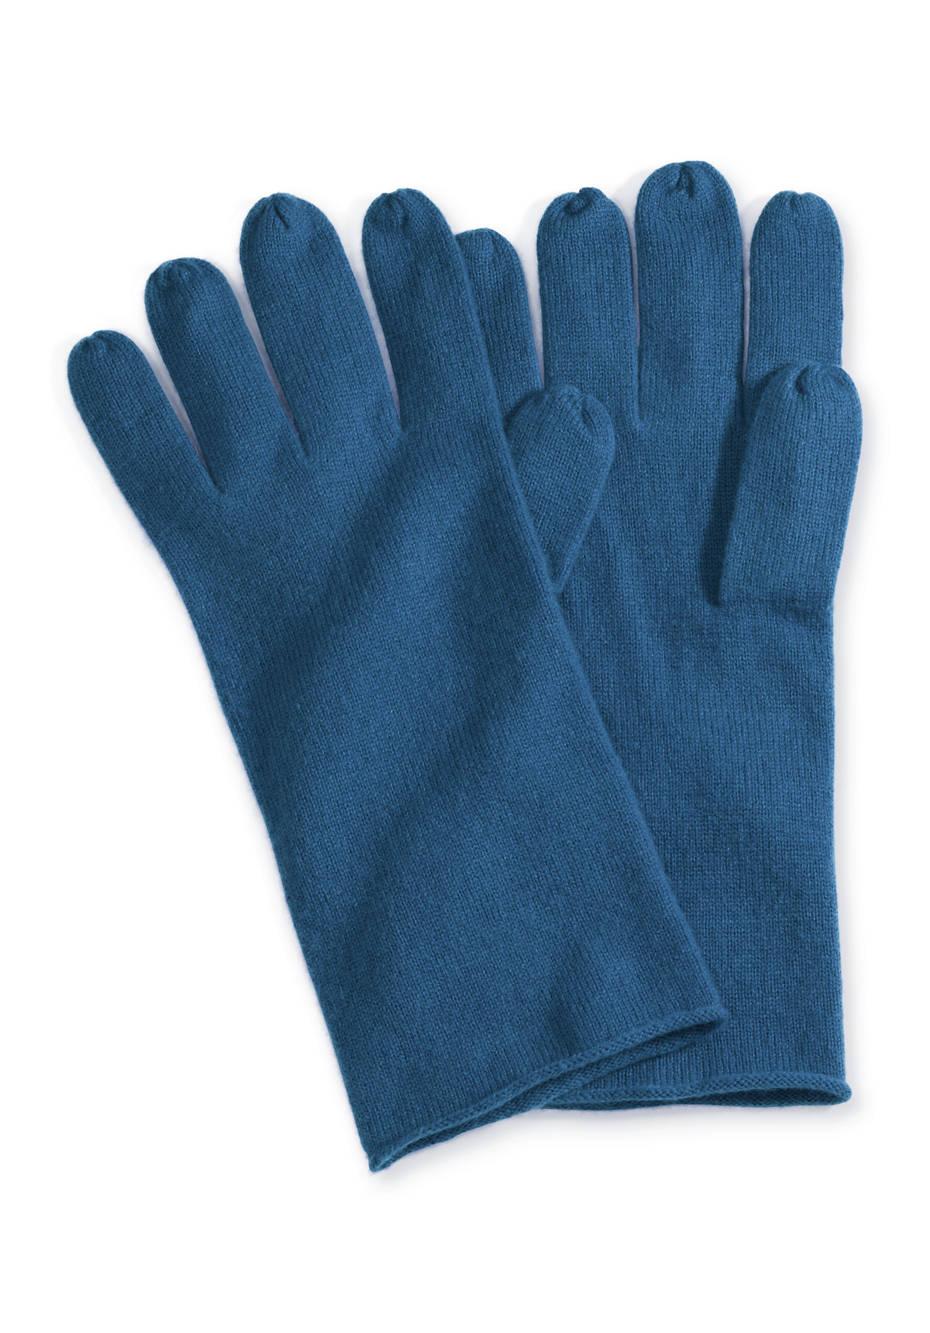 Damen Handschuhe aus Schurwolle mit Kaschmir